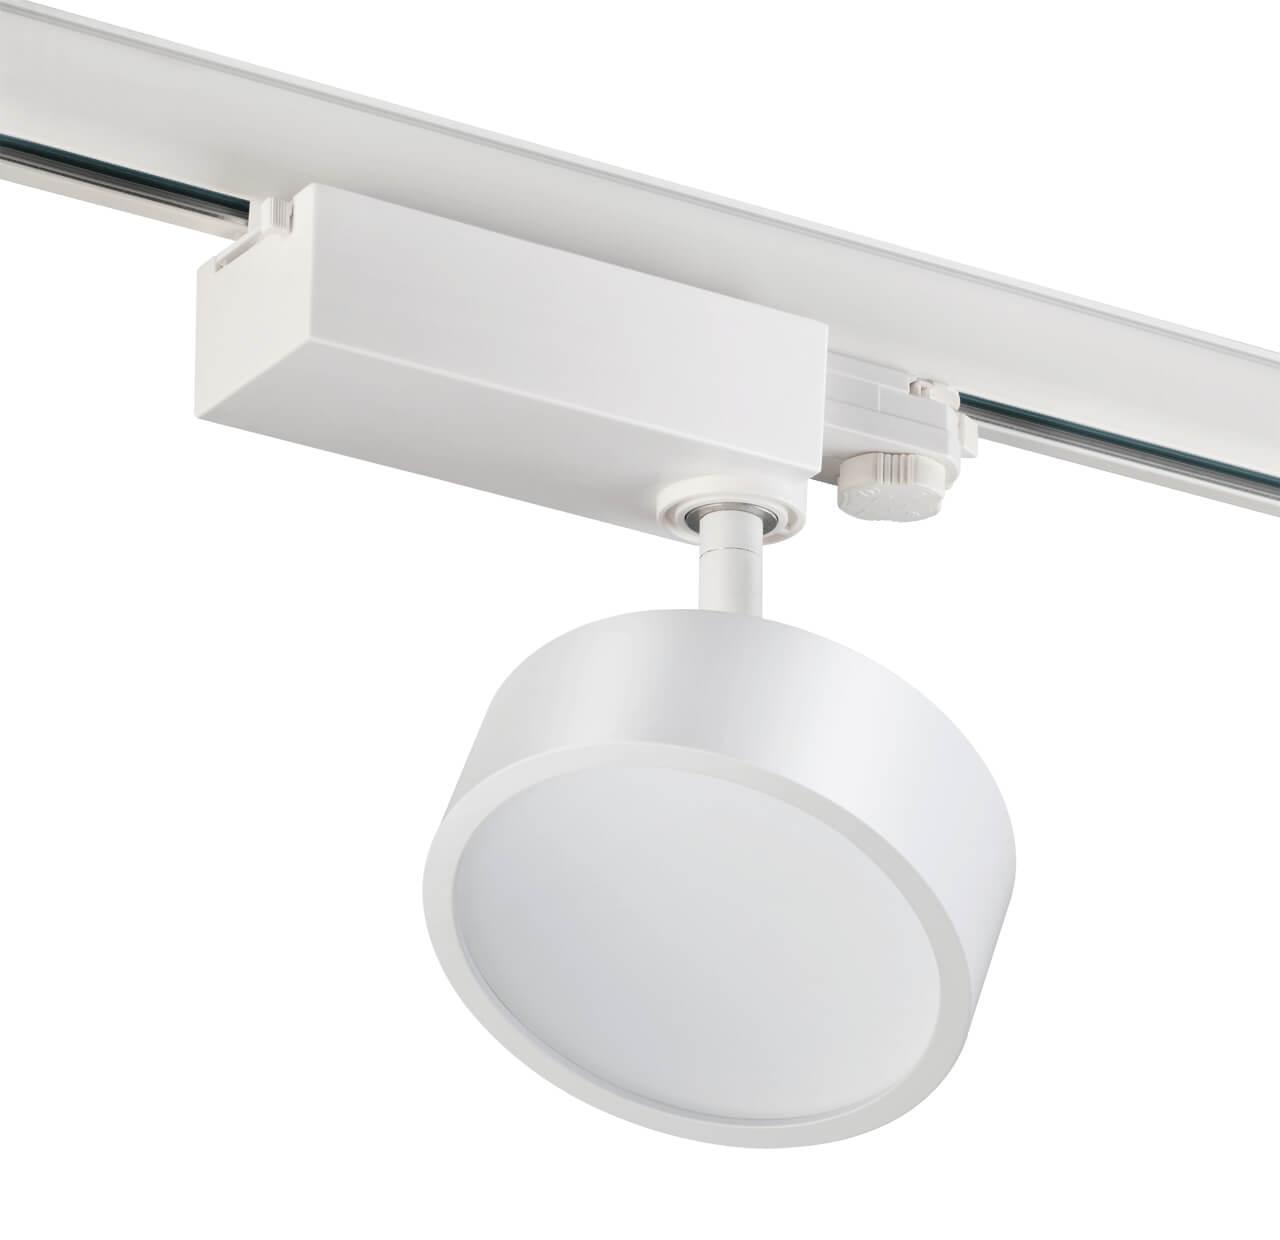 Трековый светильник Novotech 357880, LED, 25 Вт